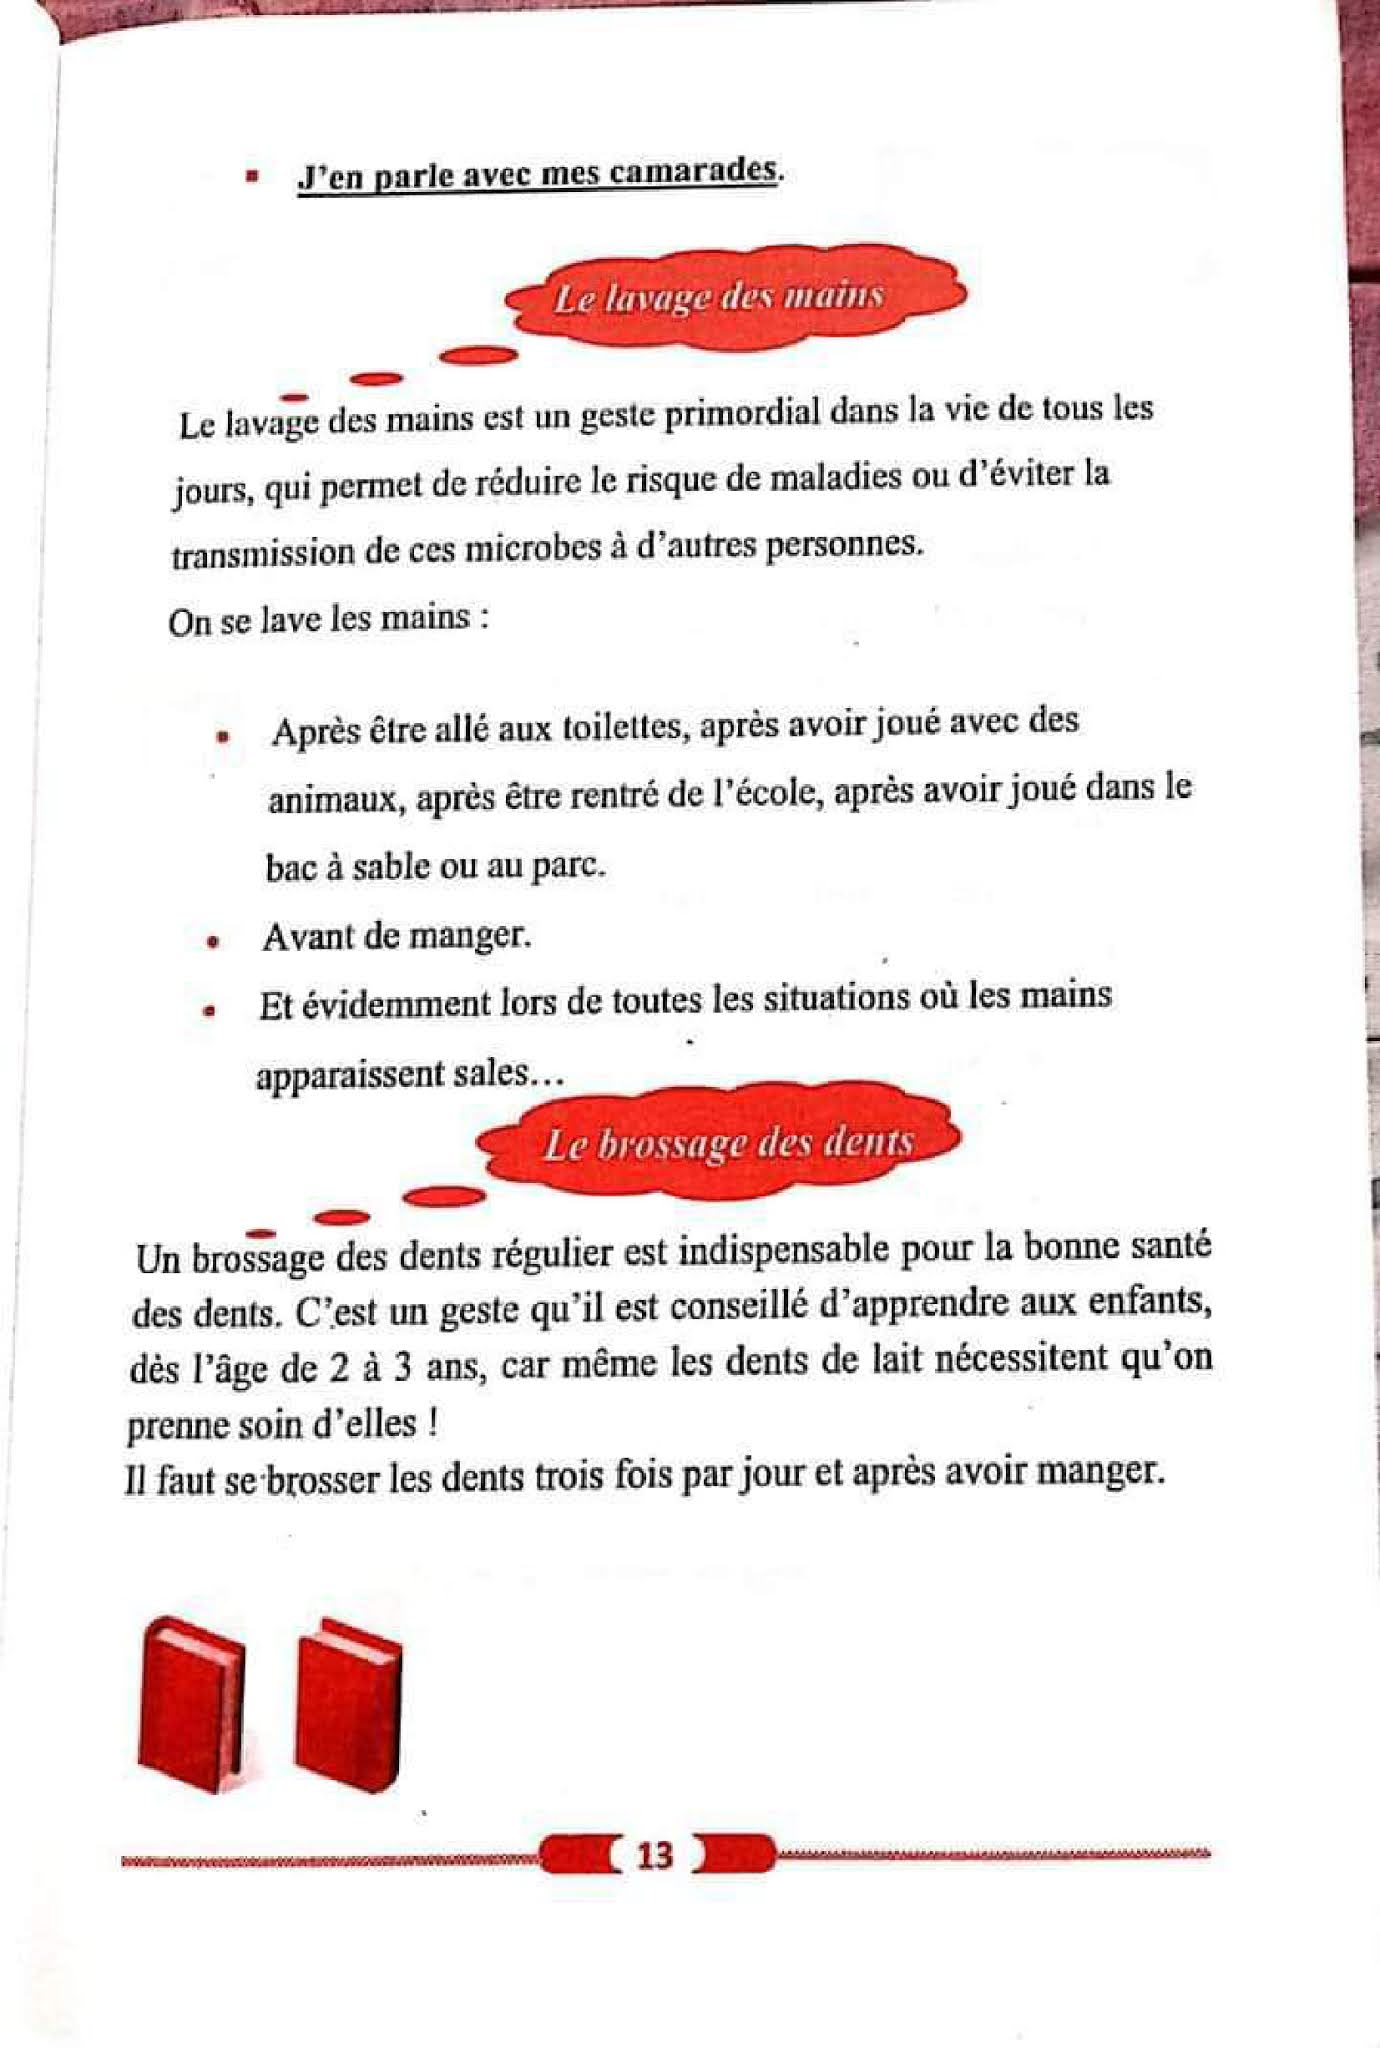 حل تمارين صفحة 15 الفرنسية للسنة الأولى متوسط الجيل الثاني   موقع التعليم  الجزائري - Dzetude